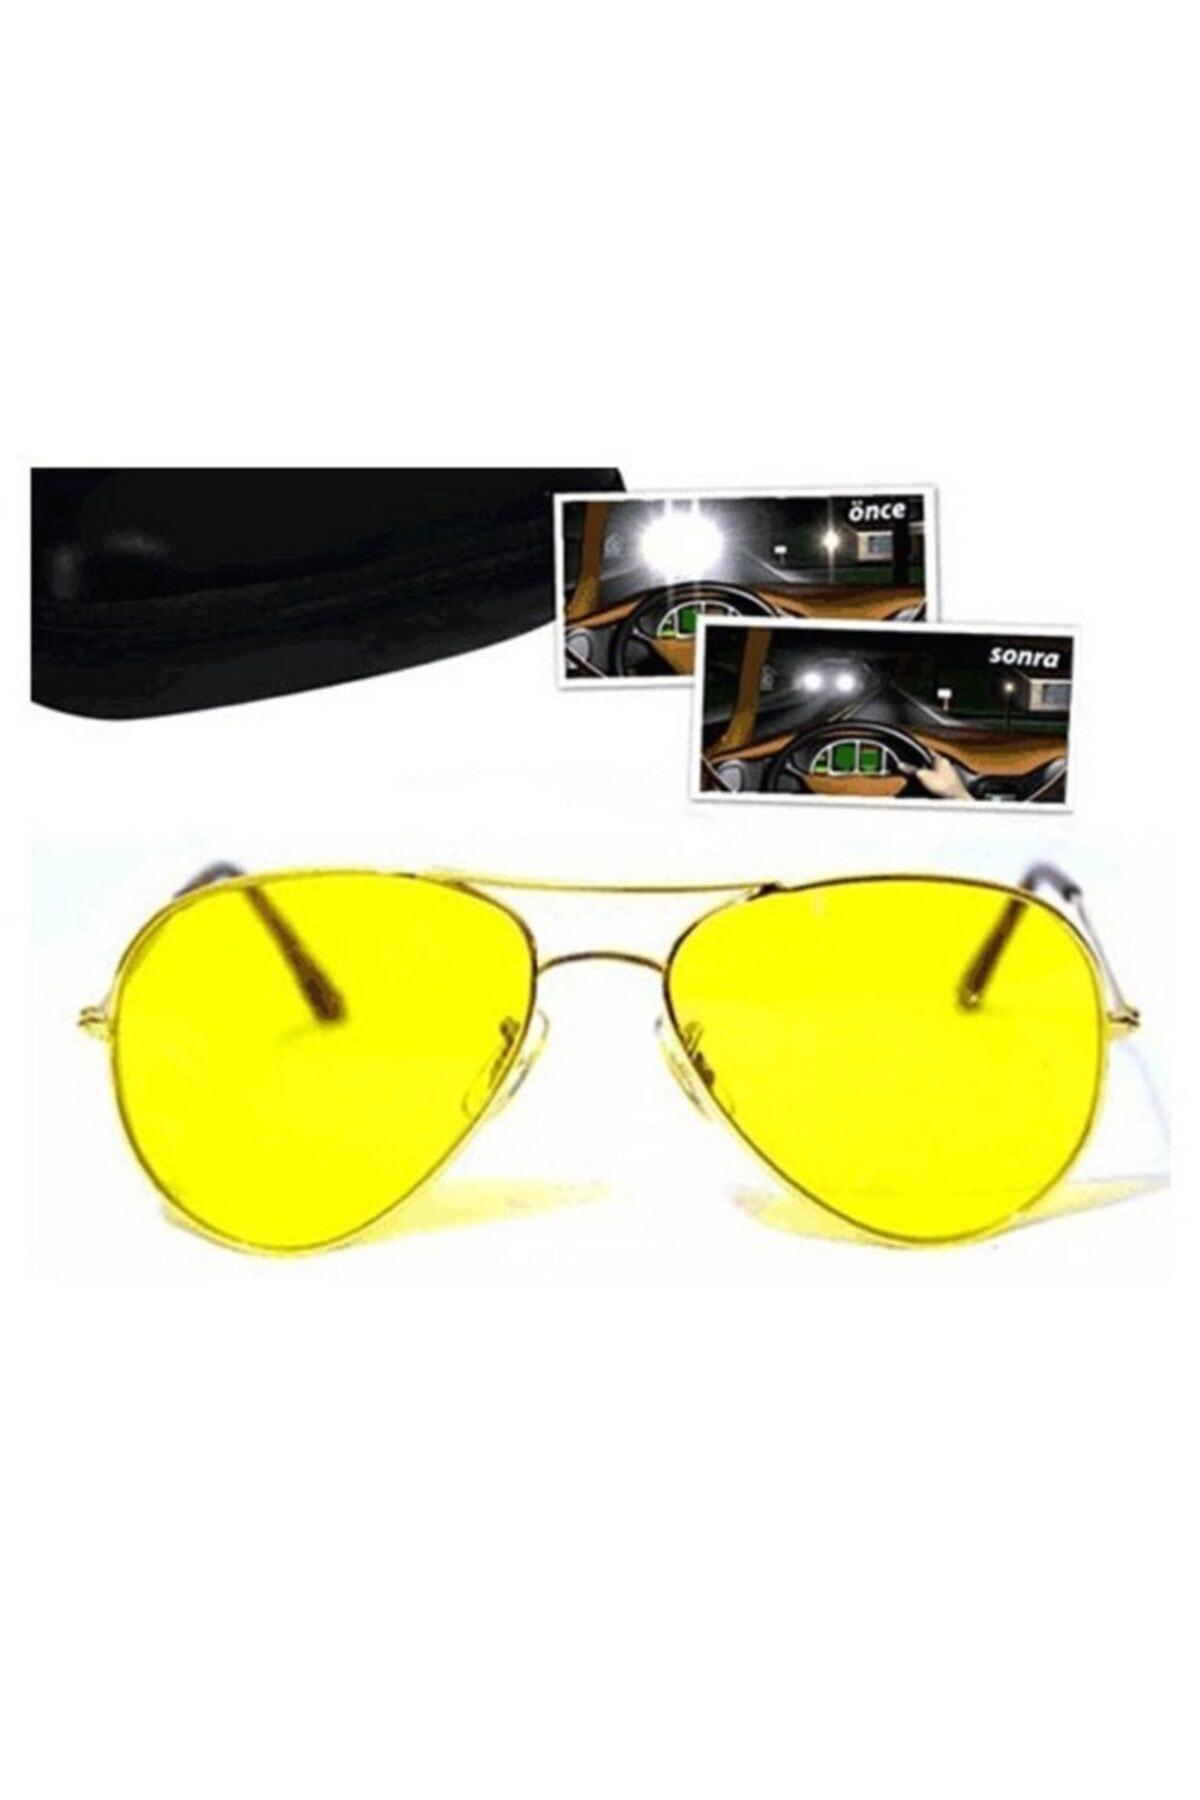 vebura Metal Çerçeveli Anti Far Gece Görüş Gözlüğü (Damla Modeli) 2